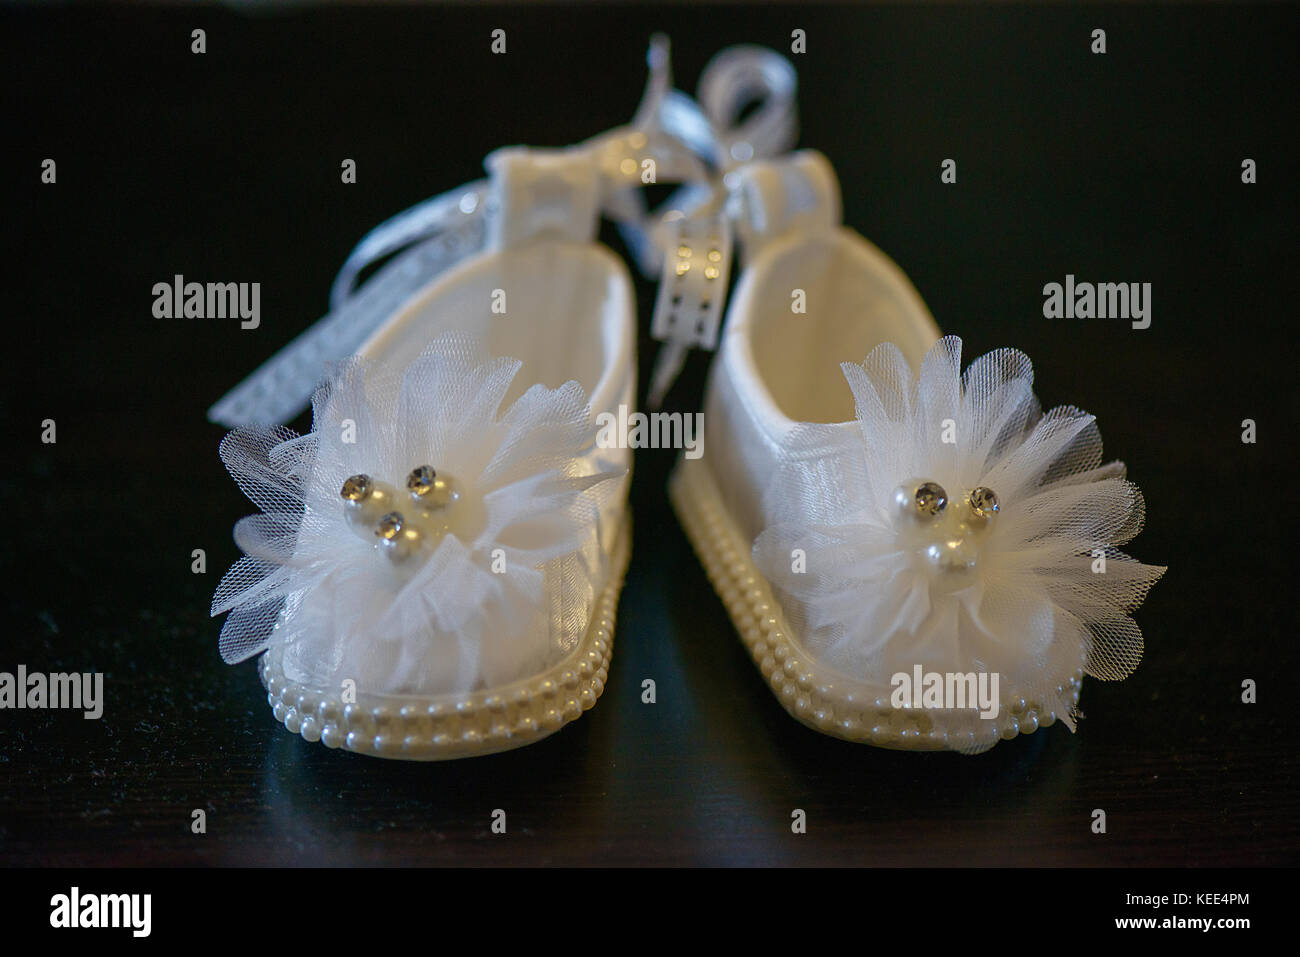 Bianco adorabile bambina scarpe con i dettagli di perla e scintillanti decorazioni Immagini Stock